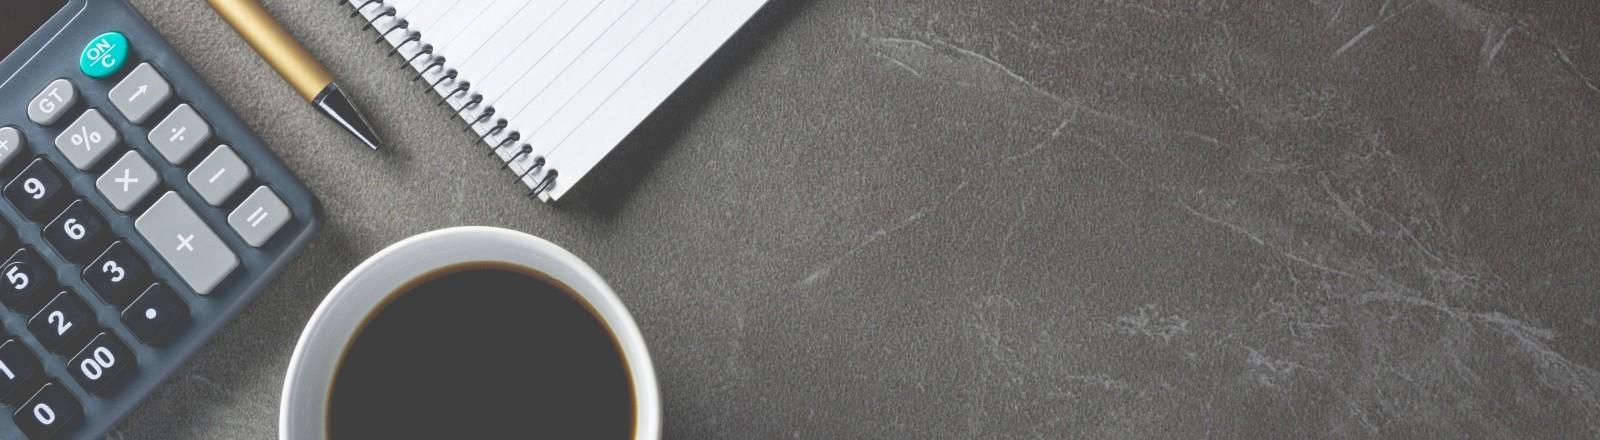 Ein Taschenrechner mit Block und Kaffeetasse